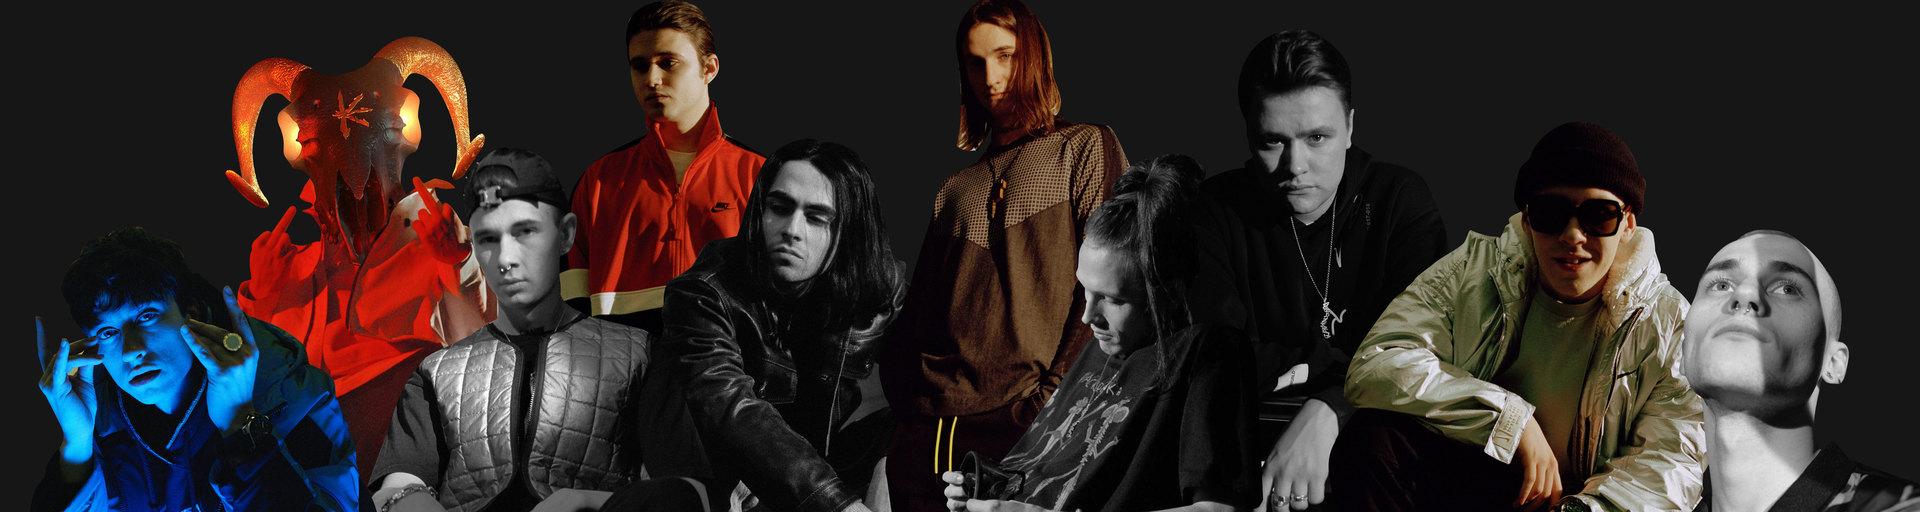 Хедлайнеры: 10 молодых музыкантов, которые будут двигать вперед рэп-музыку в2019 году